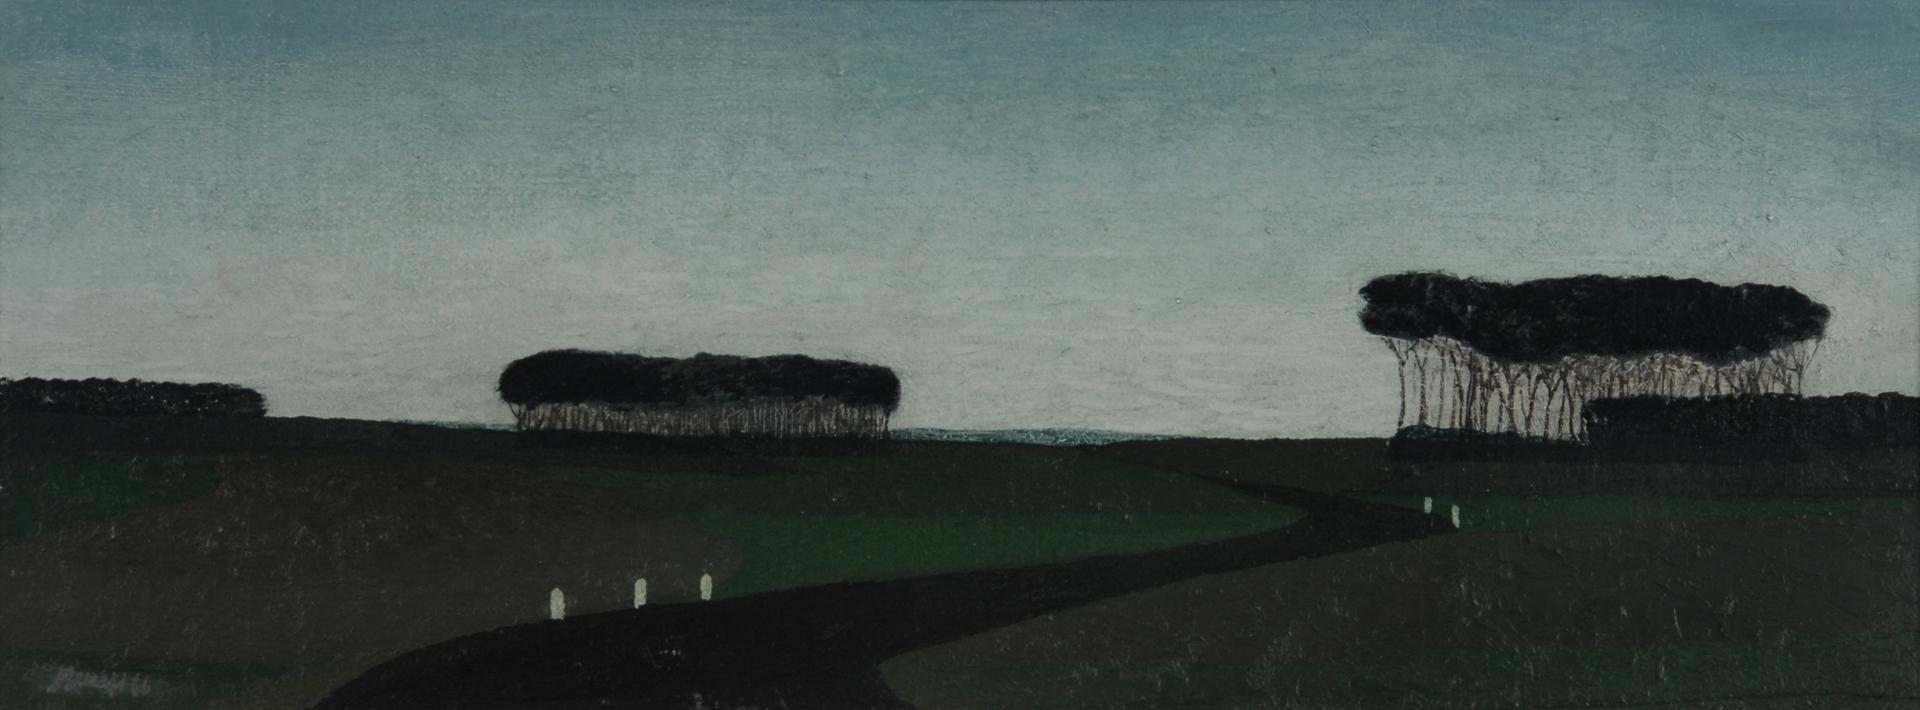 Benes Vlastimil, Landschaft mit Strasse